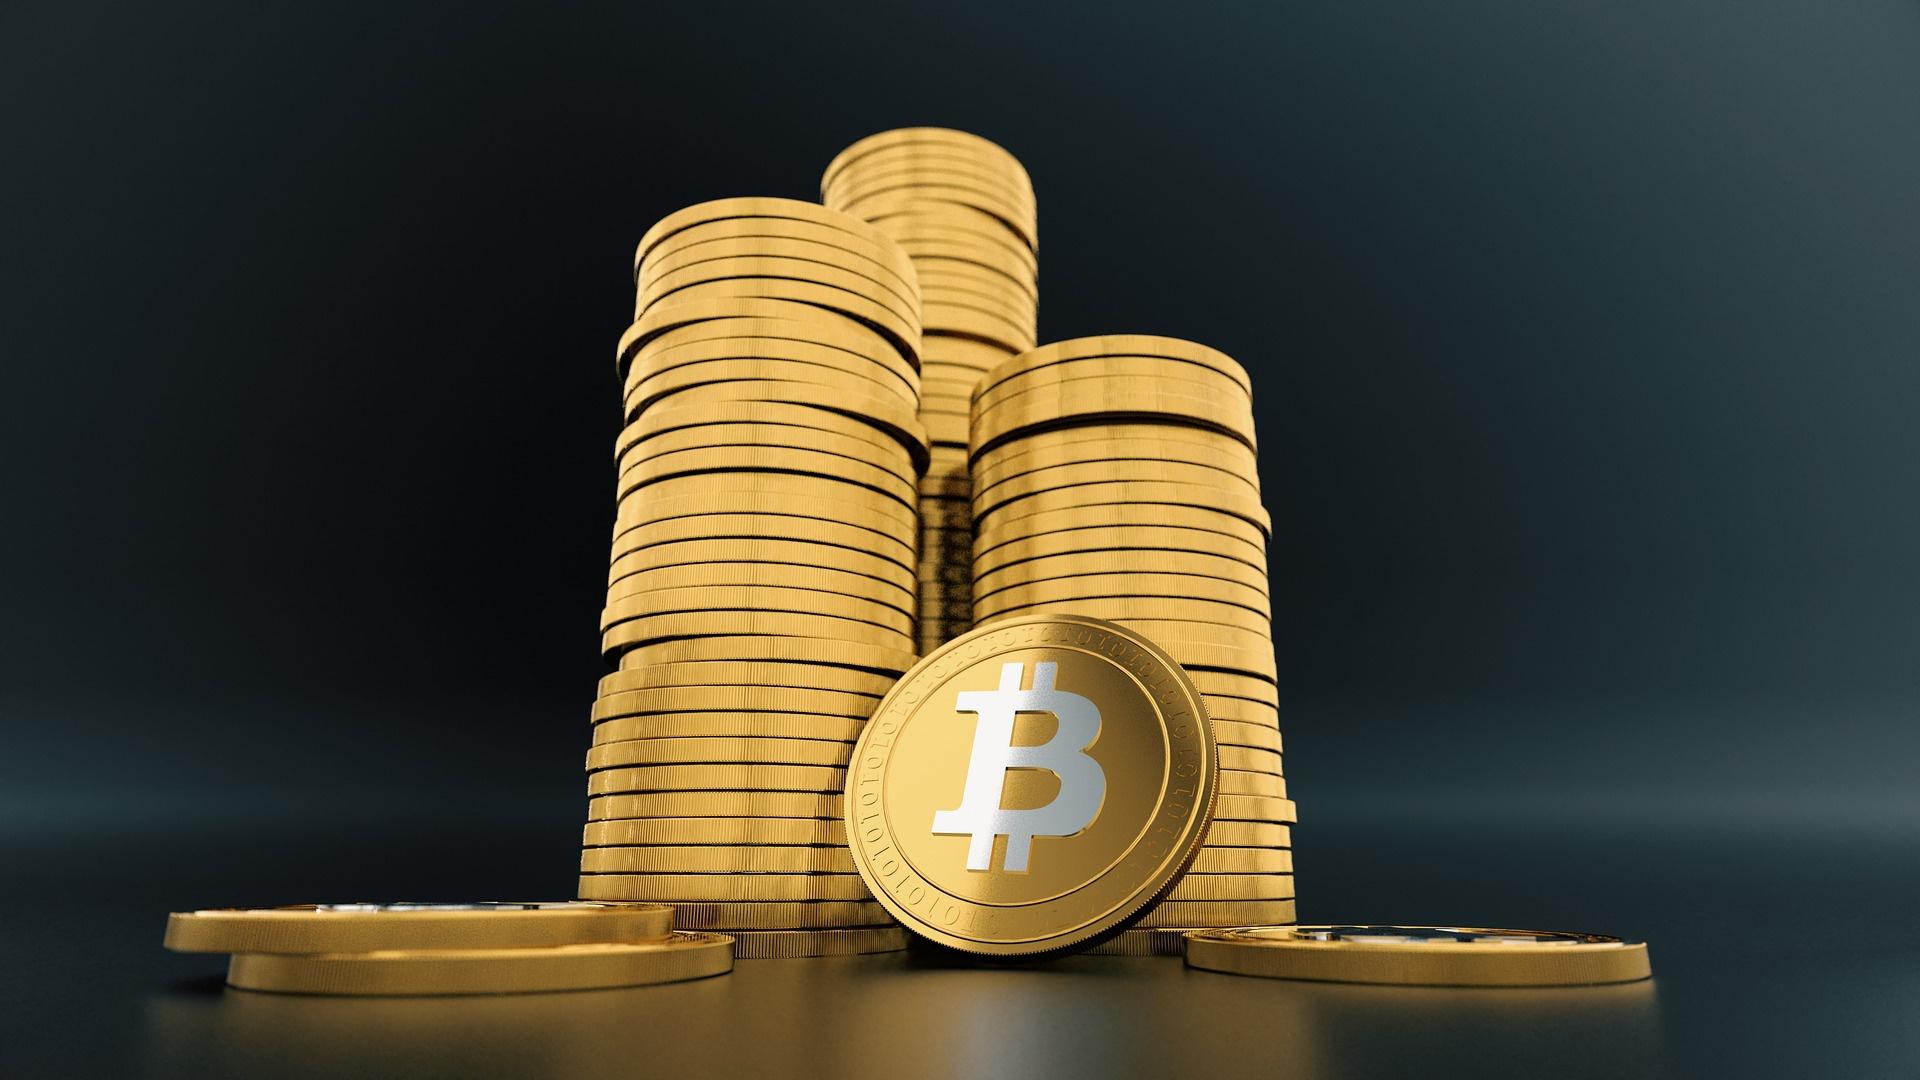 Vi Bitcoin hoat dong lai anh 2